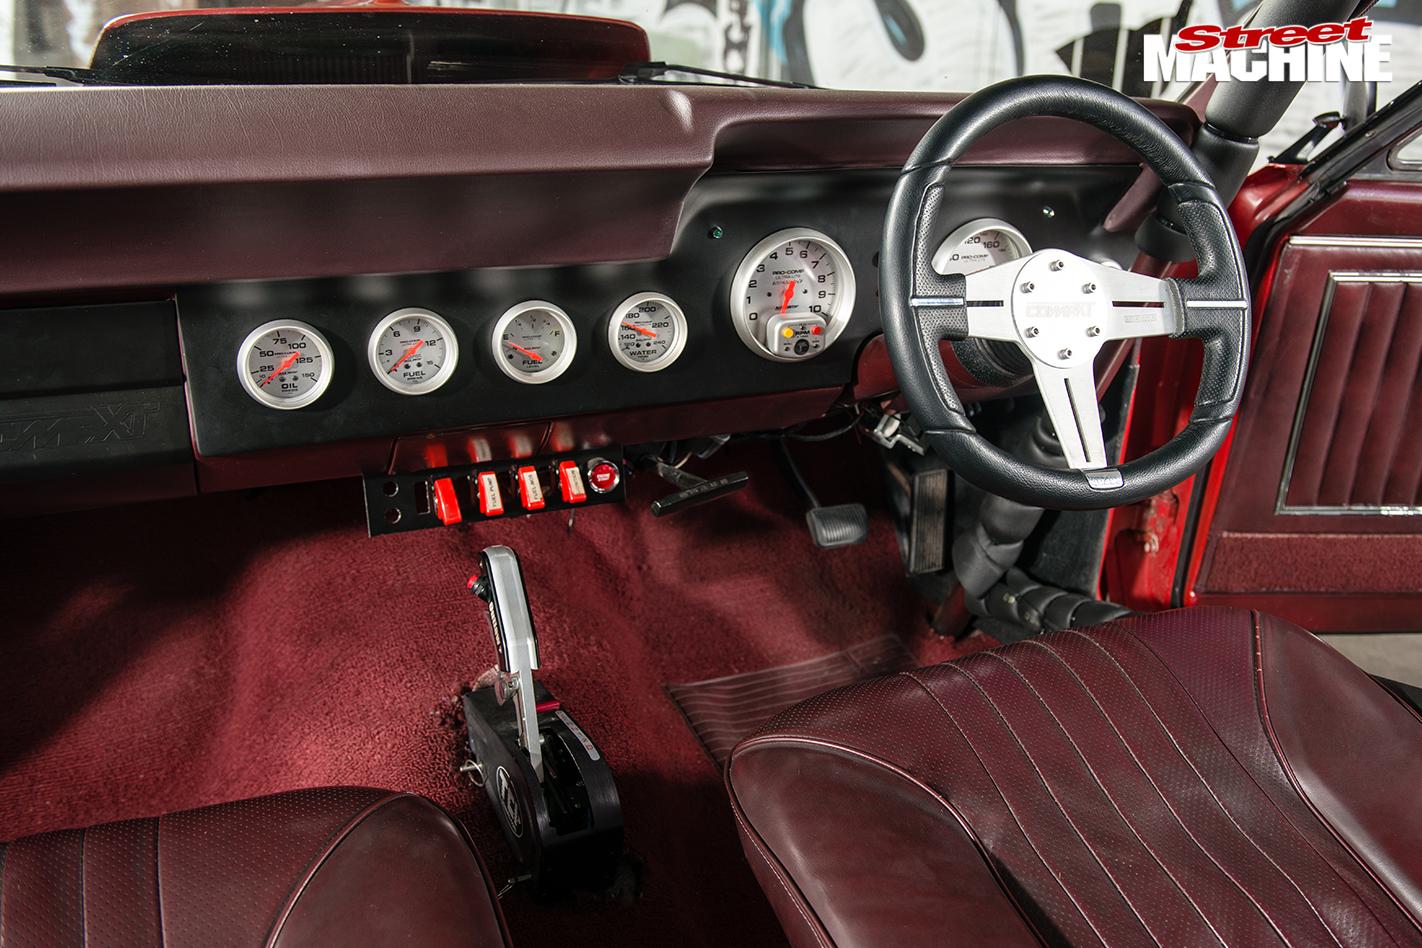 Ford -xt -falcon -interior -dash